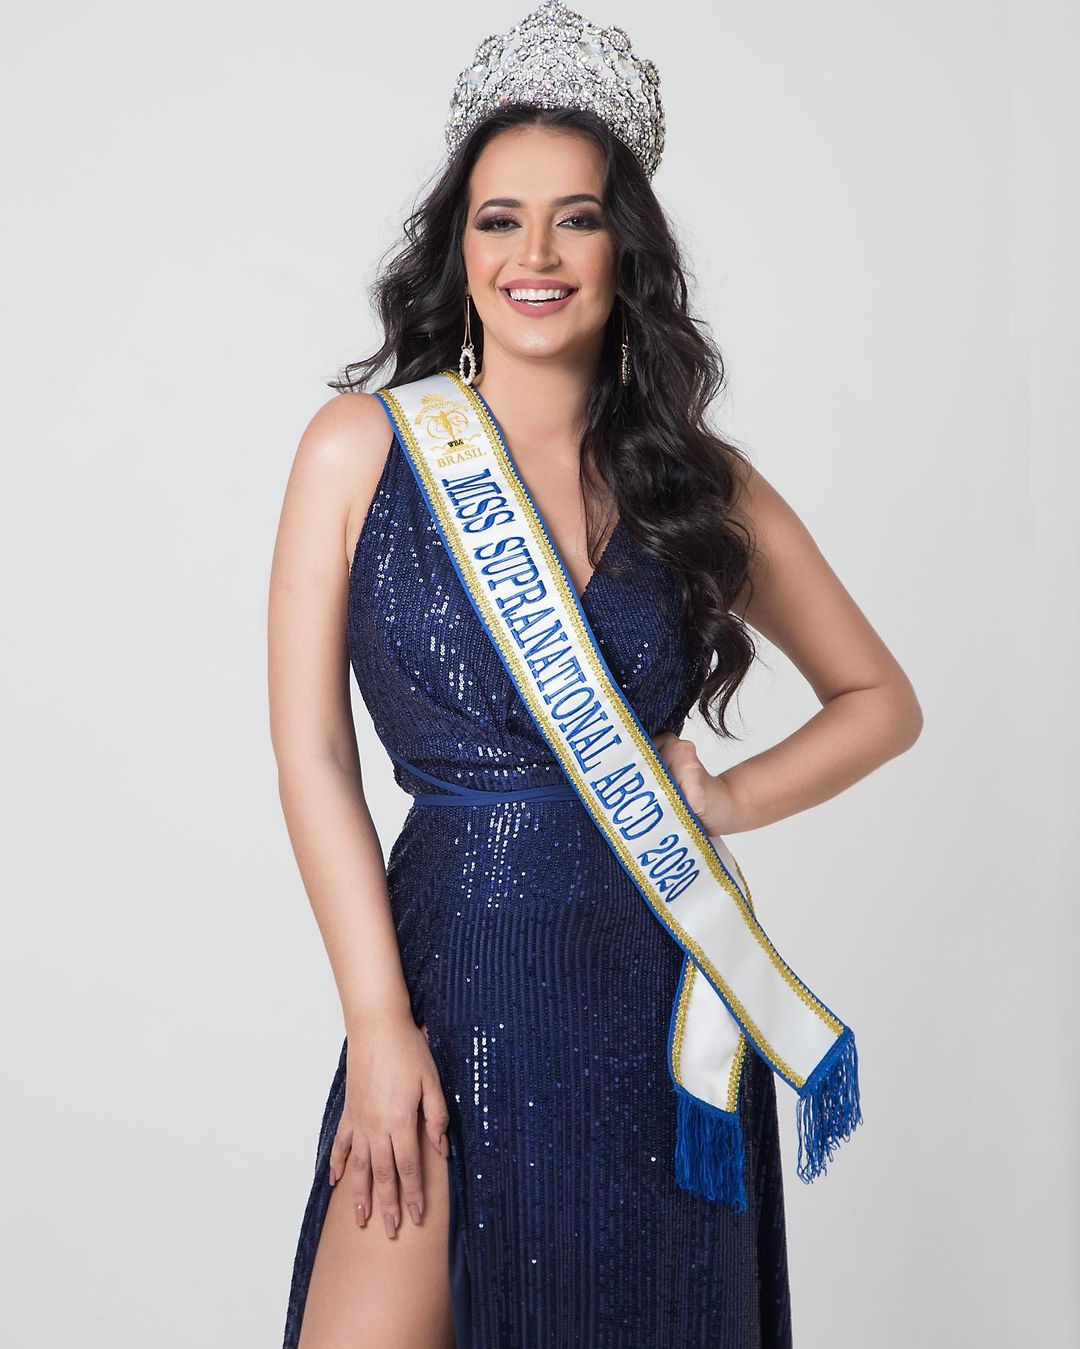 flavia polido, miss supranational abcd 2020/miss brasil intercontinental 2018-2019. - Página 7 Flavia23